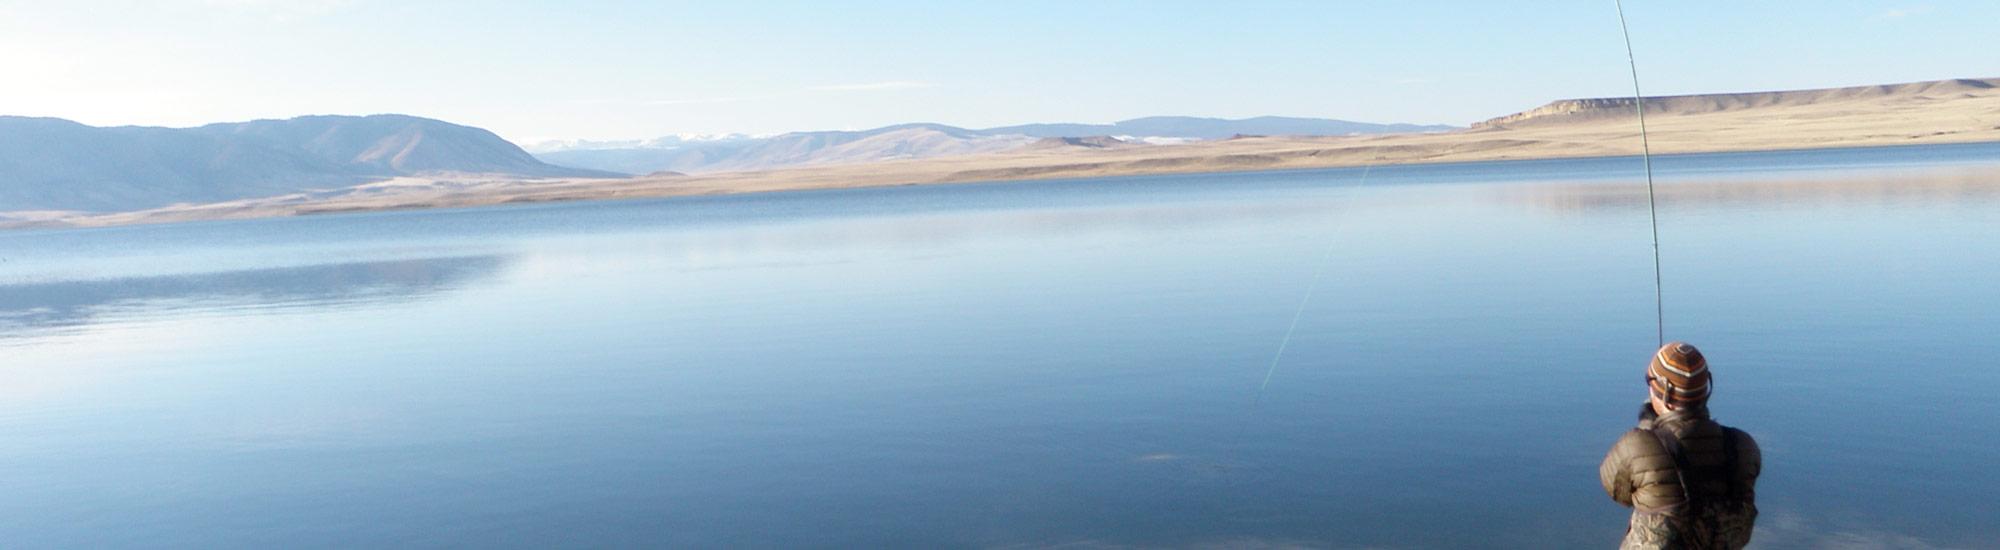 banner_image_laramie_plains_lakes